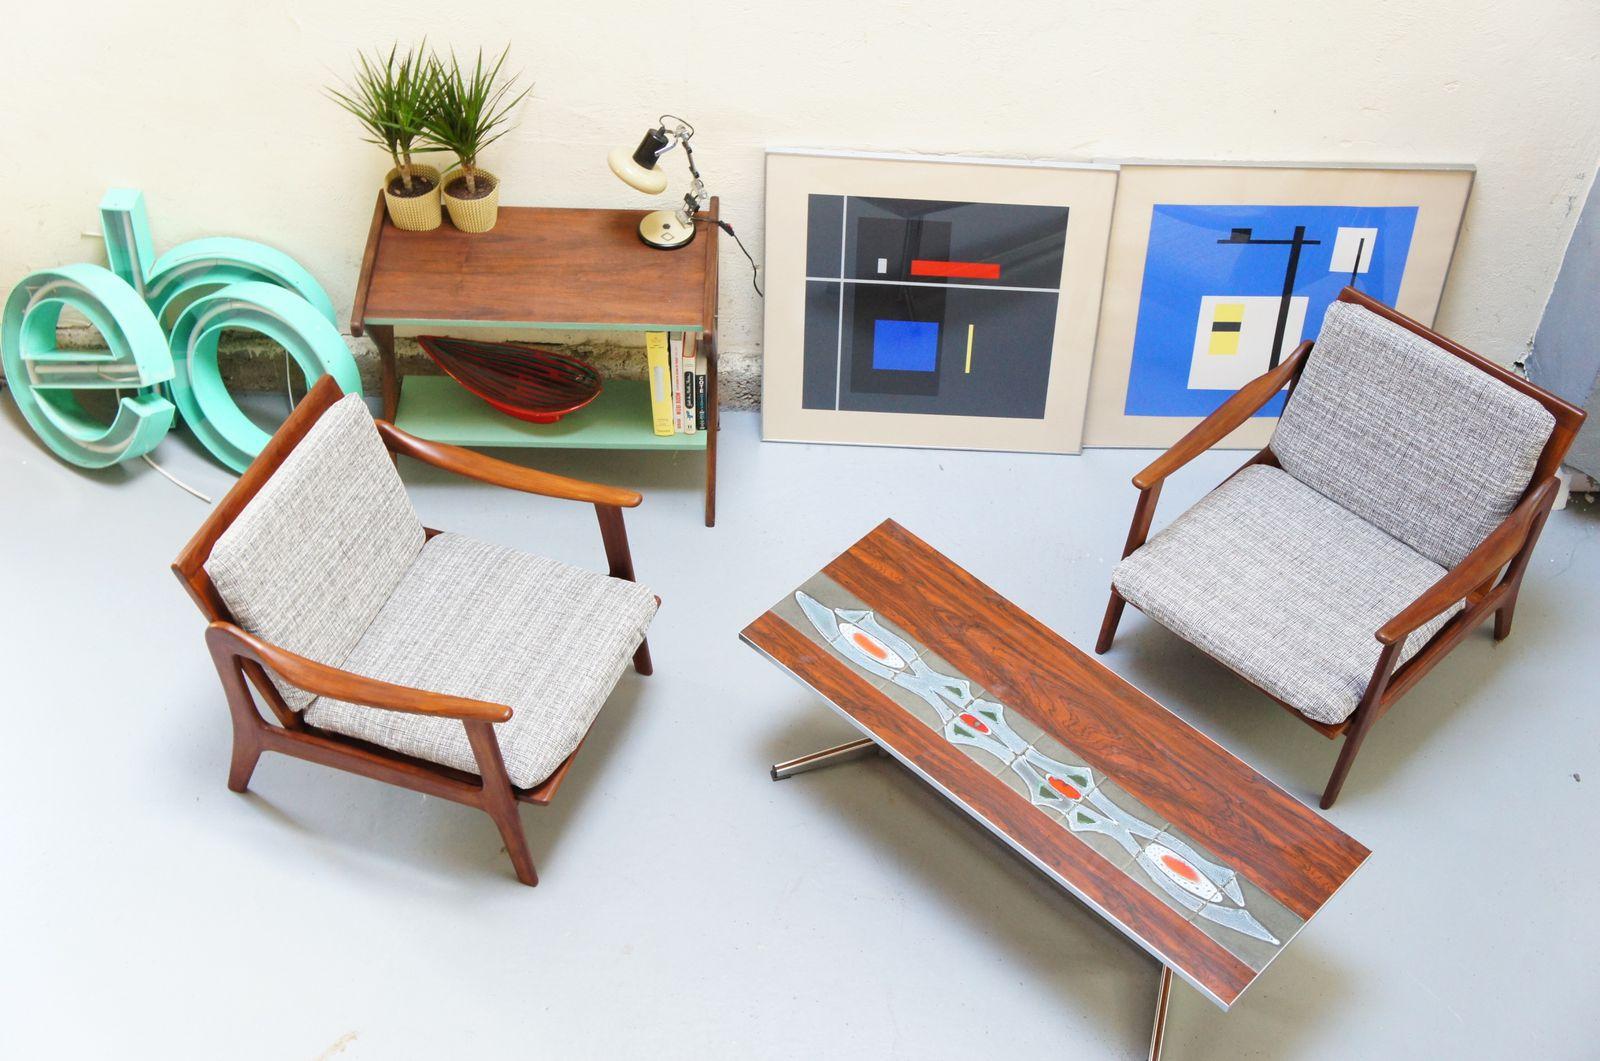 ambiance 3 emiellabroc vente de mobilier et d 39 objet. Black Bedroom Furniture Sets. Home Design Ideas